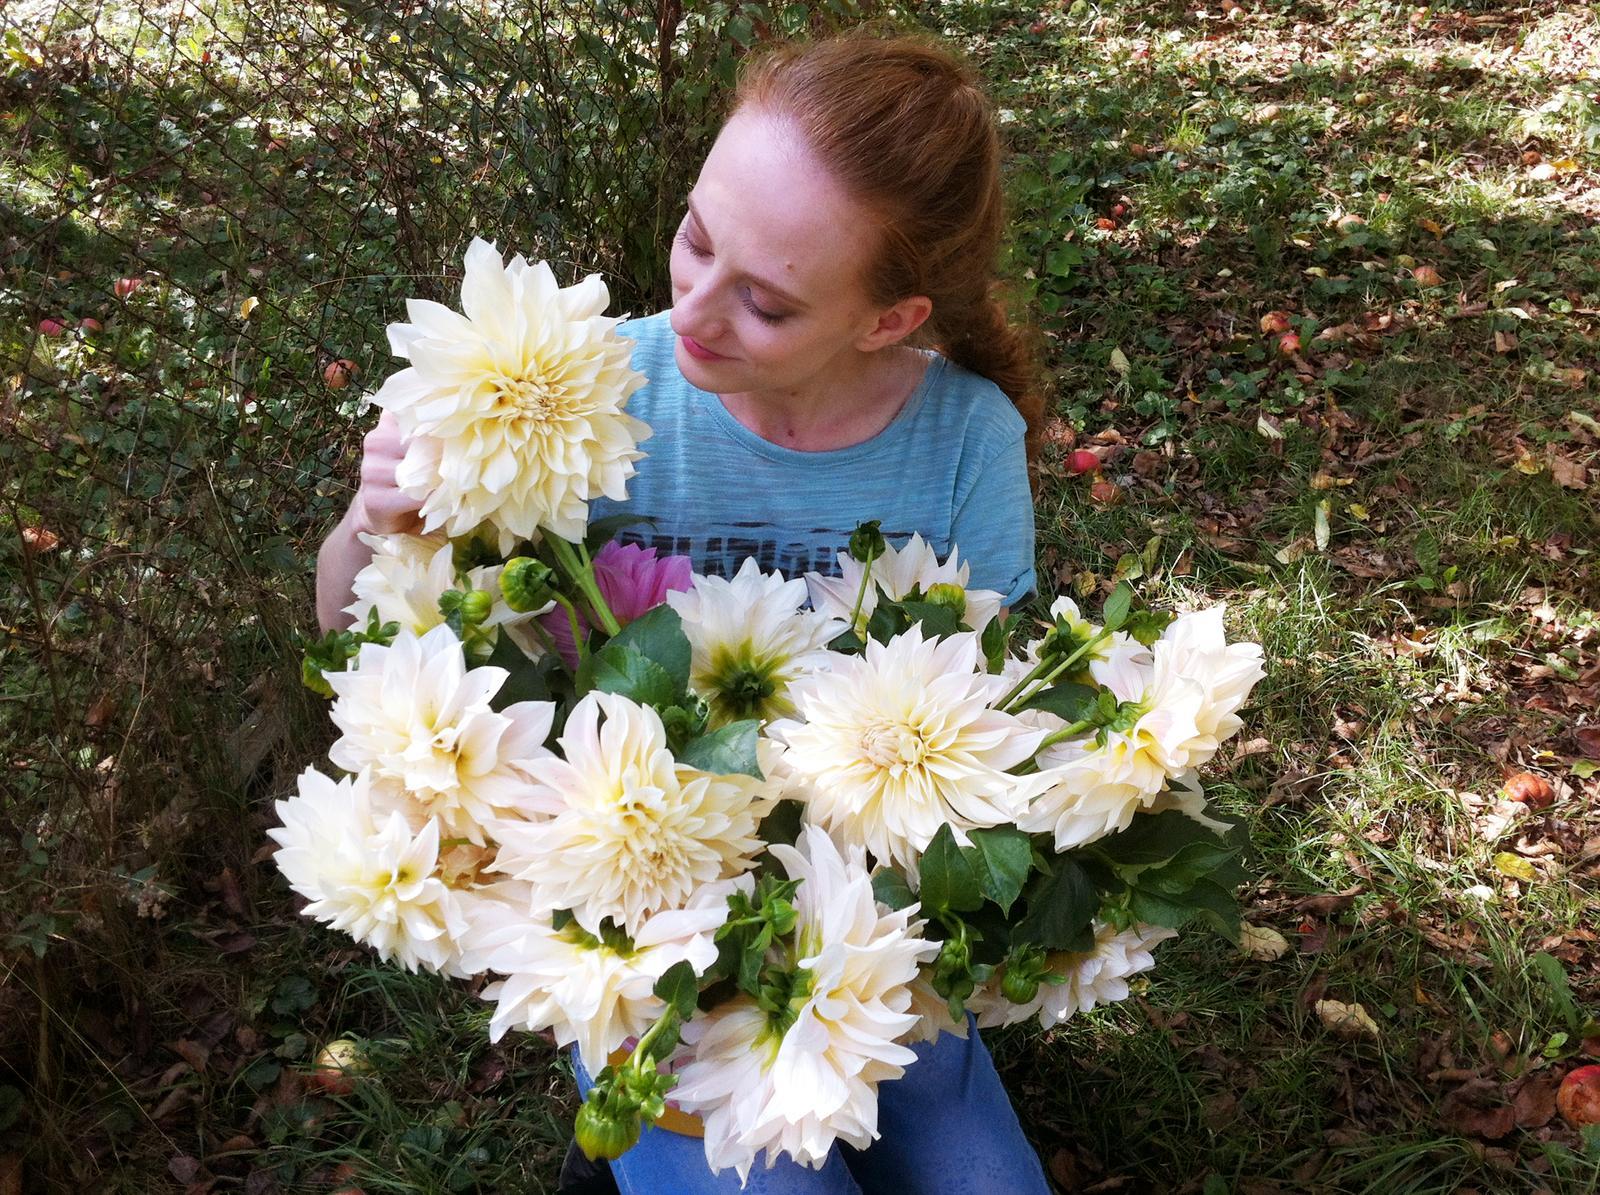 Mám po svadbe, ale pestovaniu kvetov sa chcem venovať aj naďalej. Nechcem však, aby mi to tu skĺzlo na mimosvadobný offtopic a preto som sa rozhodla, že oddnes nájdete moje milované kvietky aj na https://www.instagram.com/katarinakopal/ Na MS už budem o kvietkoch pridávať pomenej :-) Ďakujem všetkým, ktorí sledujete môj fotoblog. - Obrázok č. 1